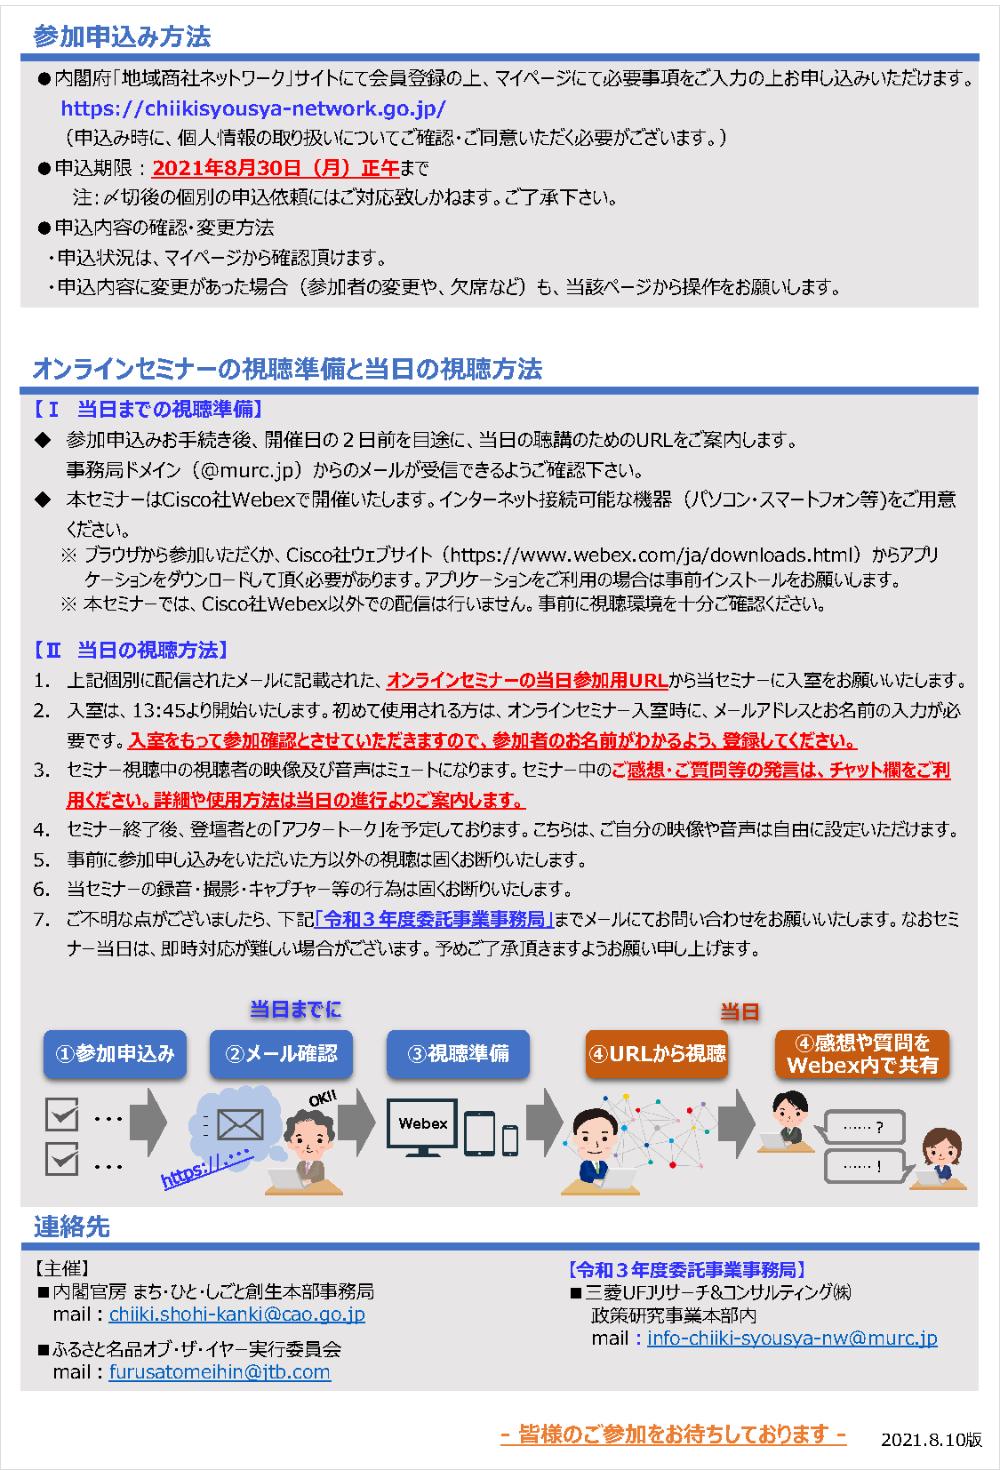 オンラインセミナー開催のお知らせ②